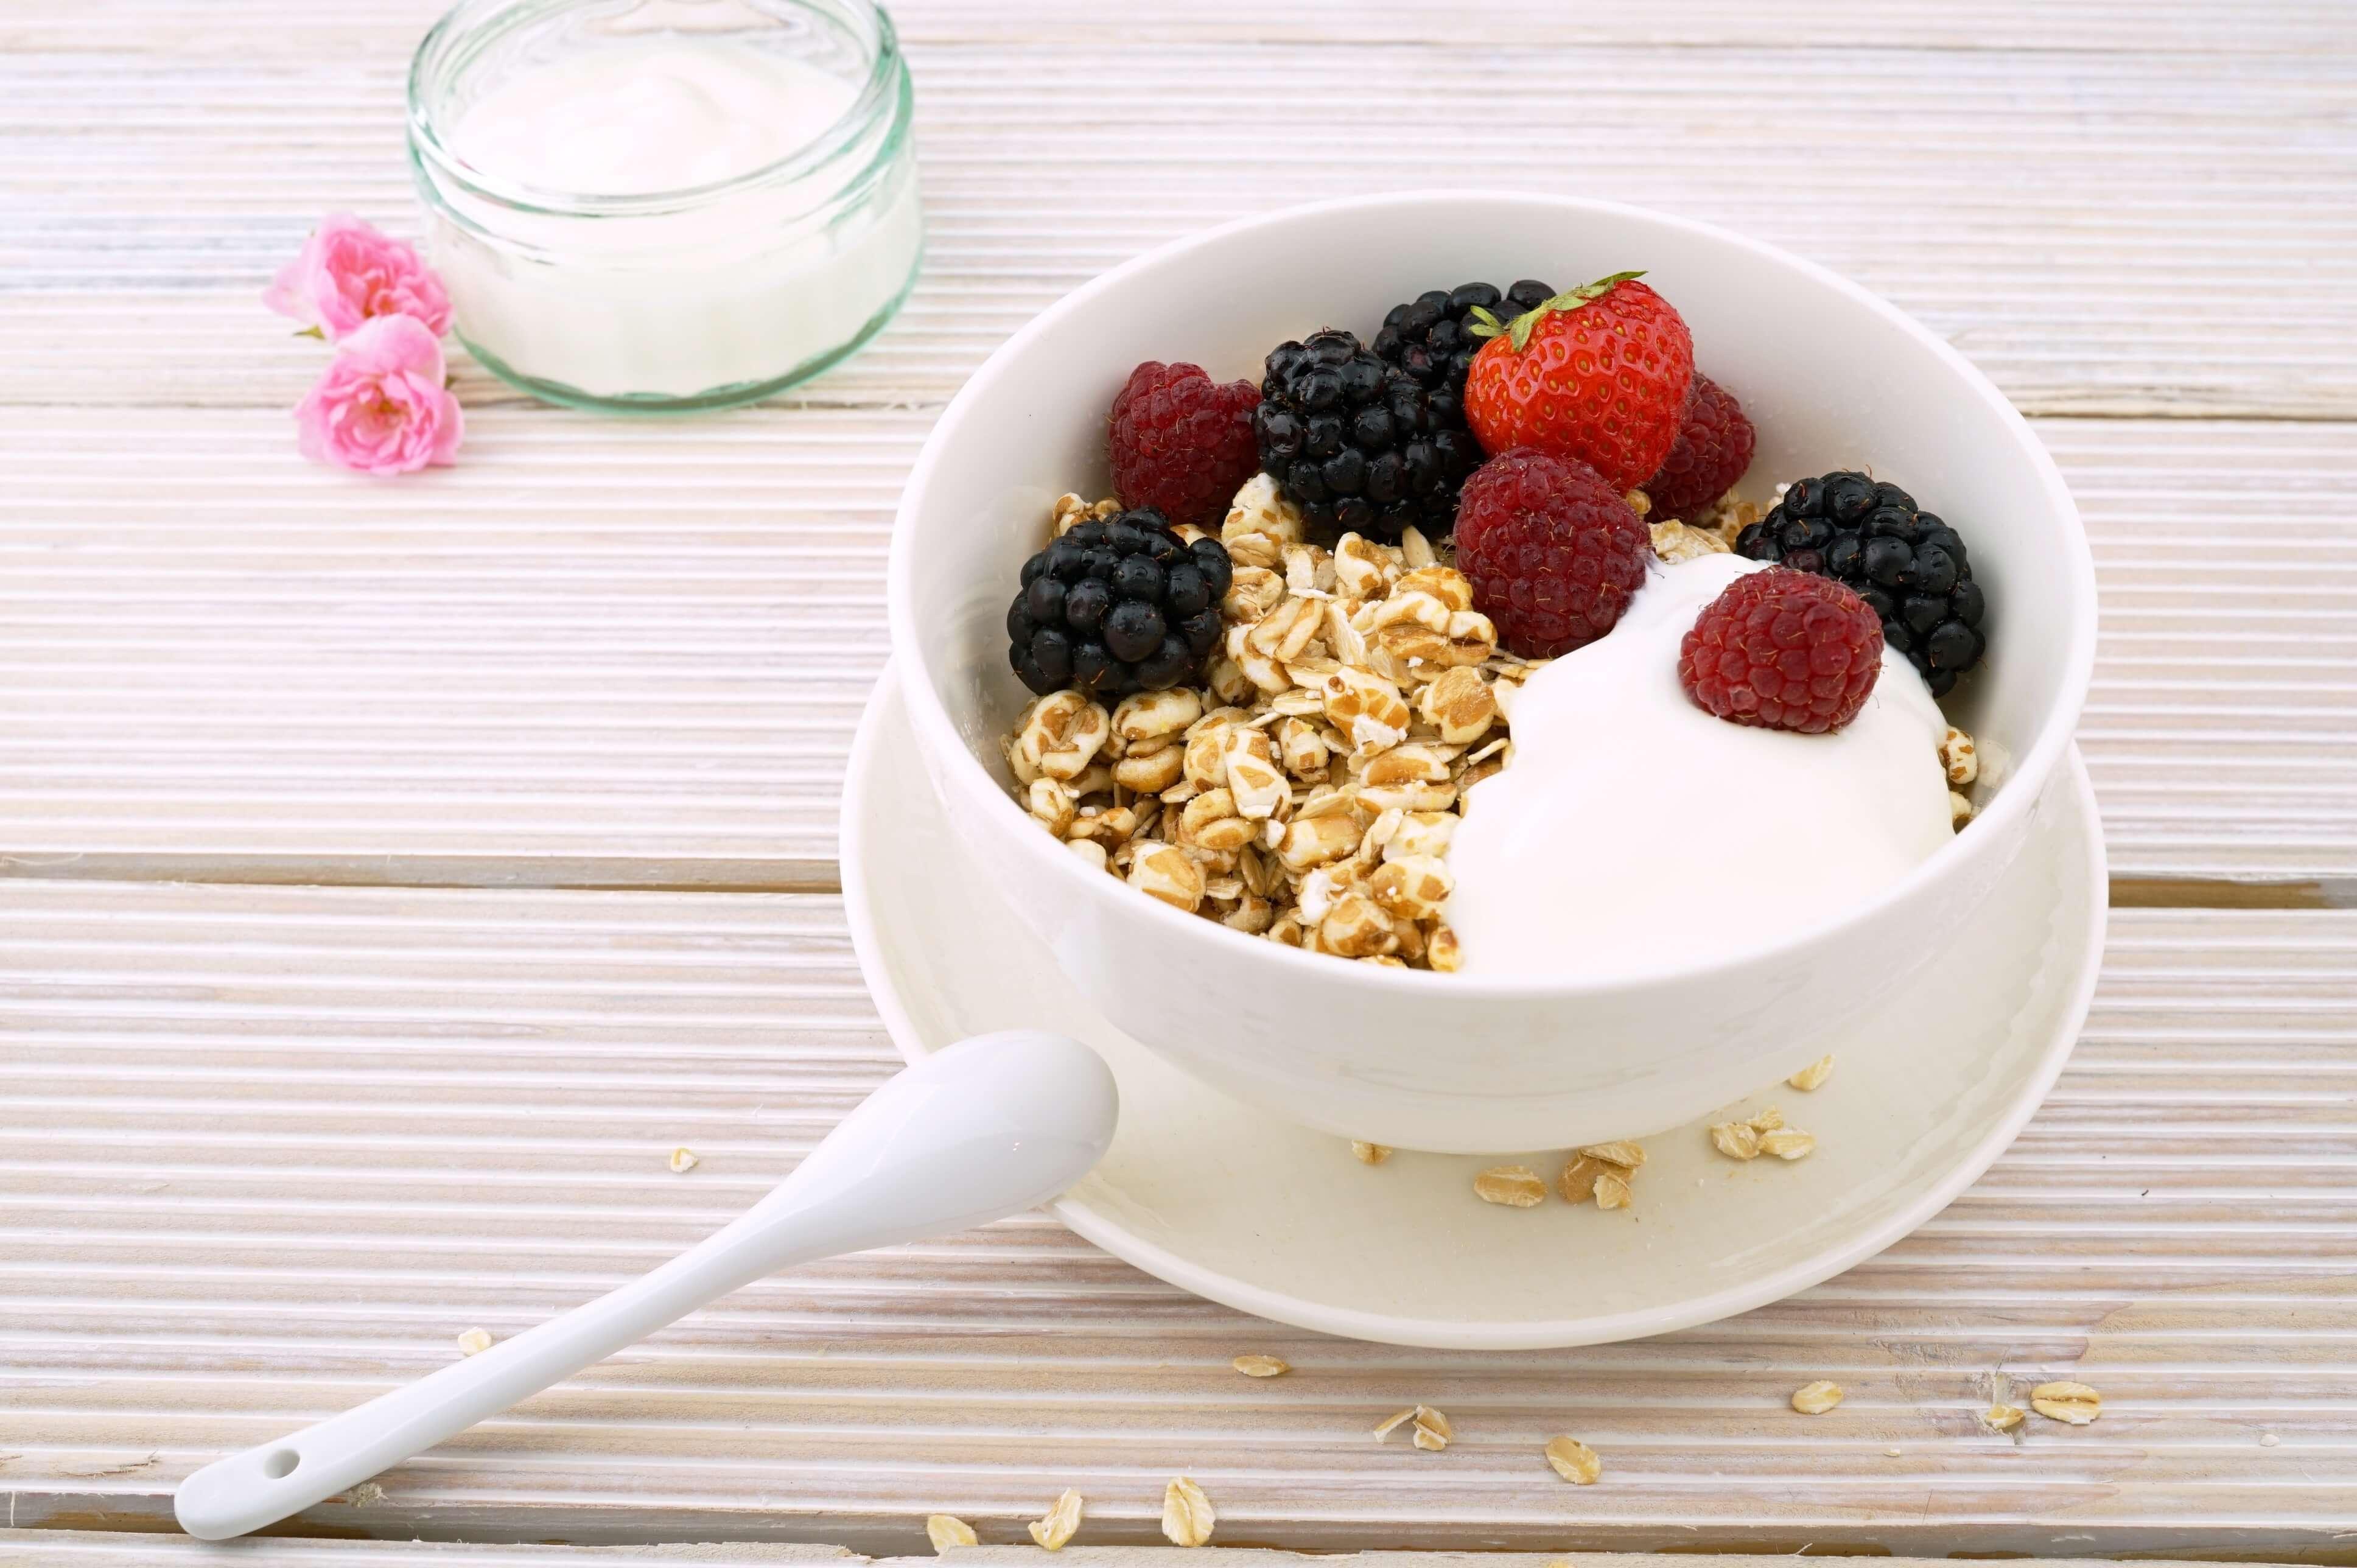 Овсяная каша на завтрак - польза или вред